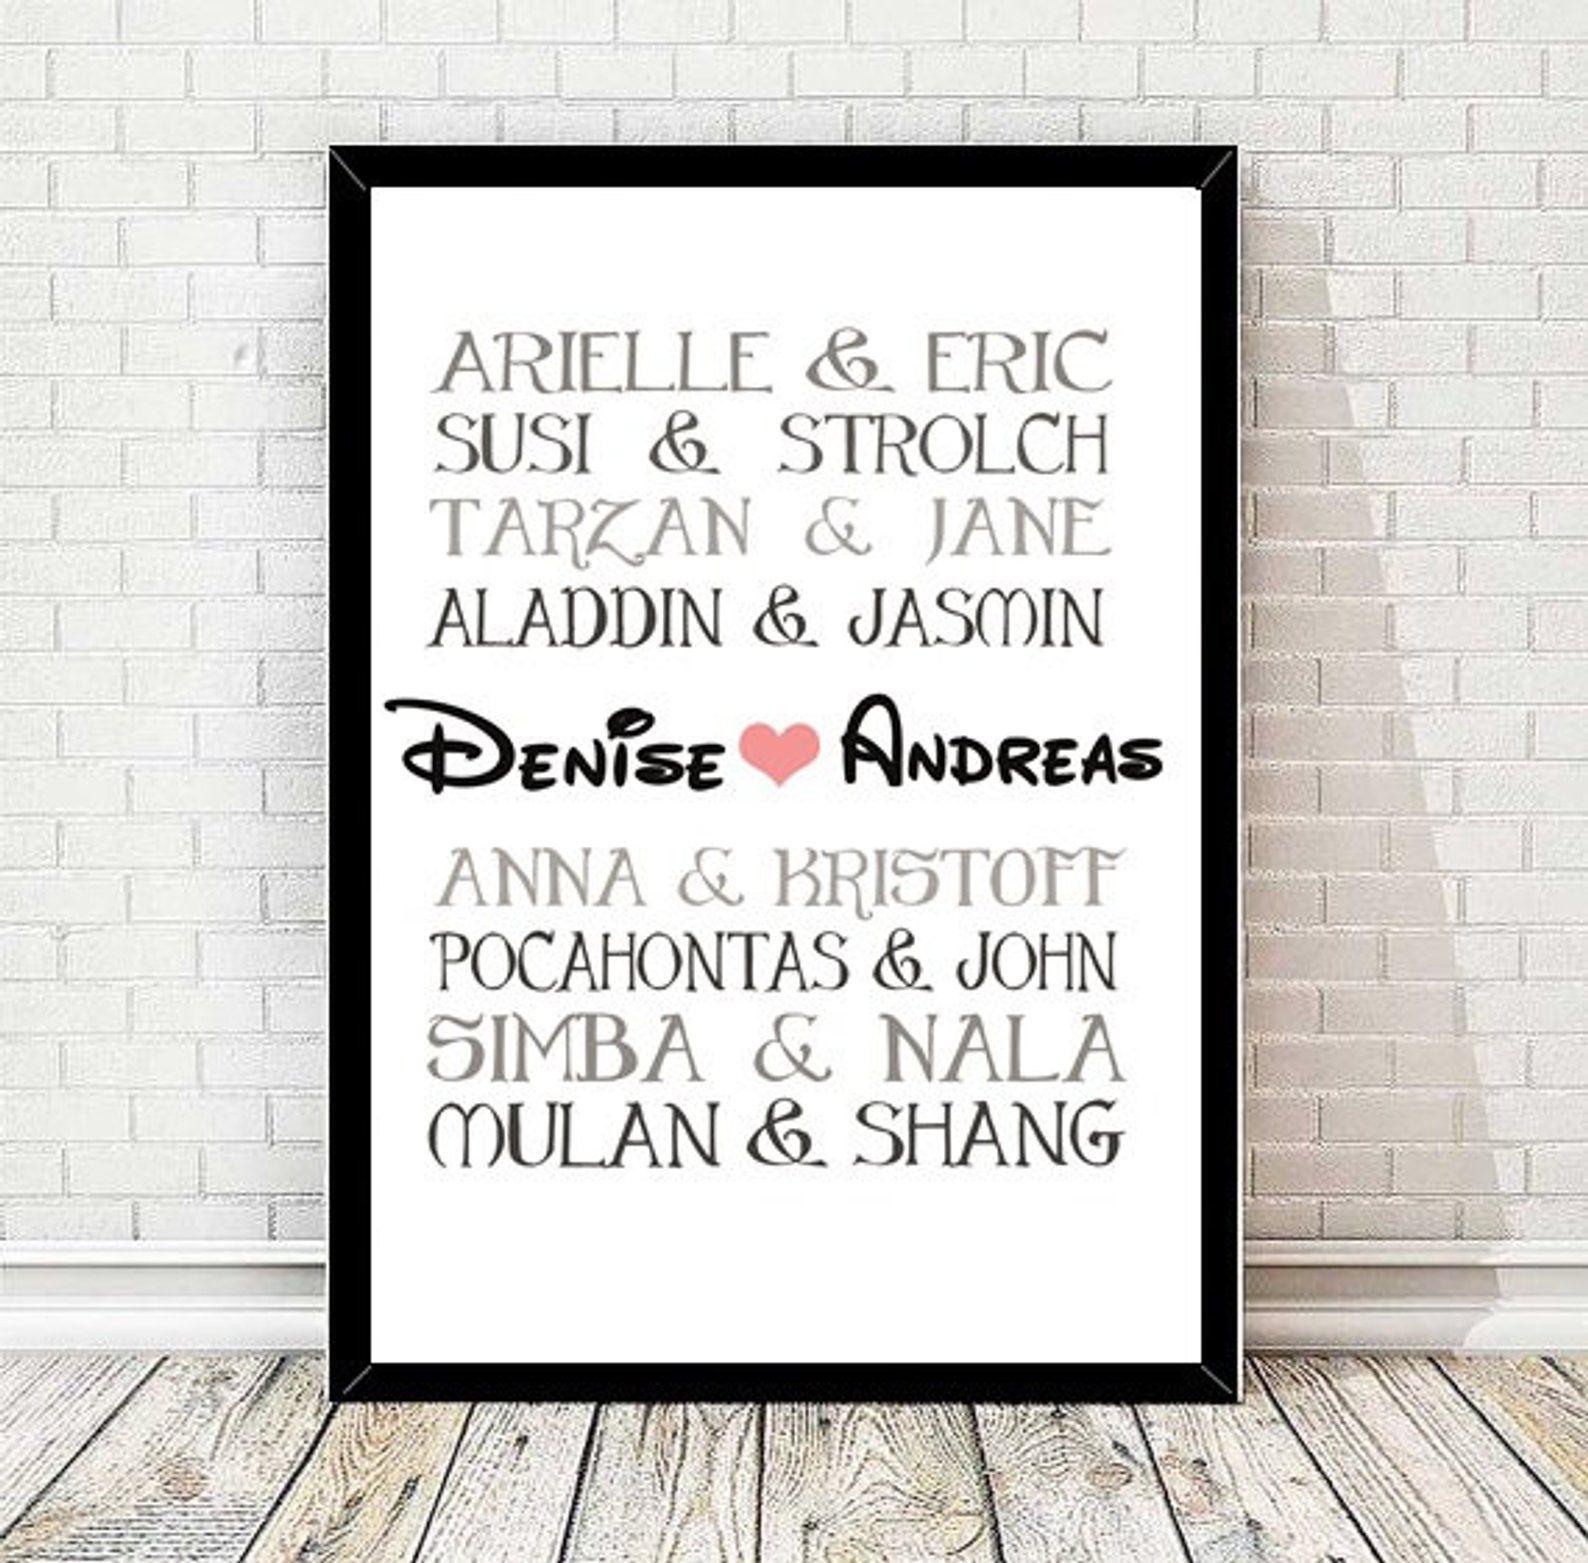 Kunstdruck Hochzeitsgeschenk Mit Disneyfiguren Bild Geschenk Fur Brautpaar Druck Personalisierbar Disney Picture Gifts Wedding Gifts Newlywed Gifts